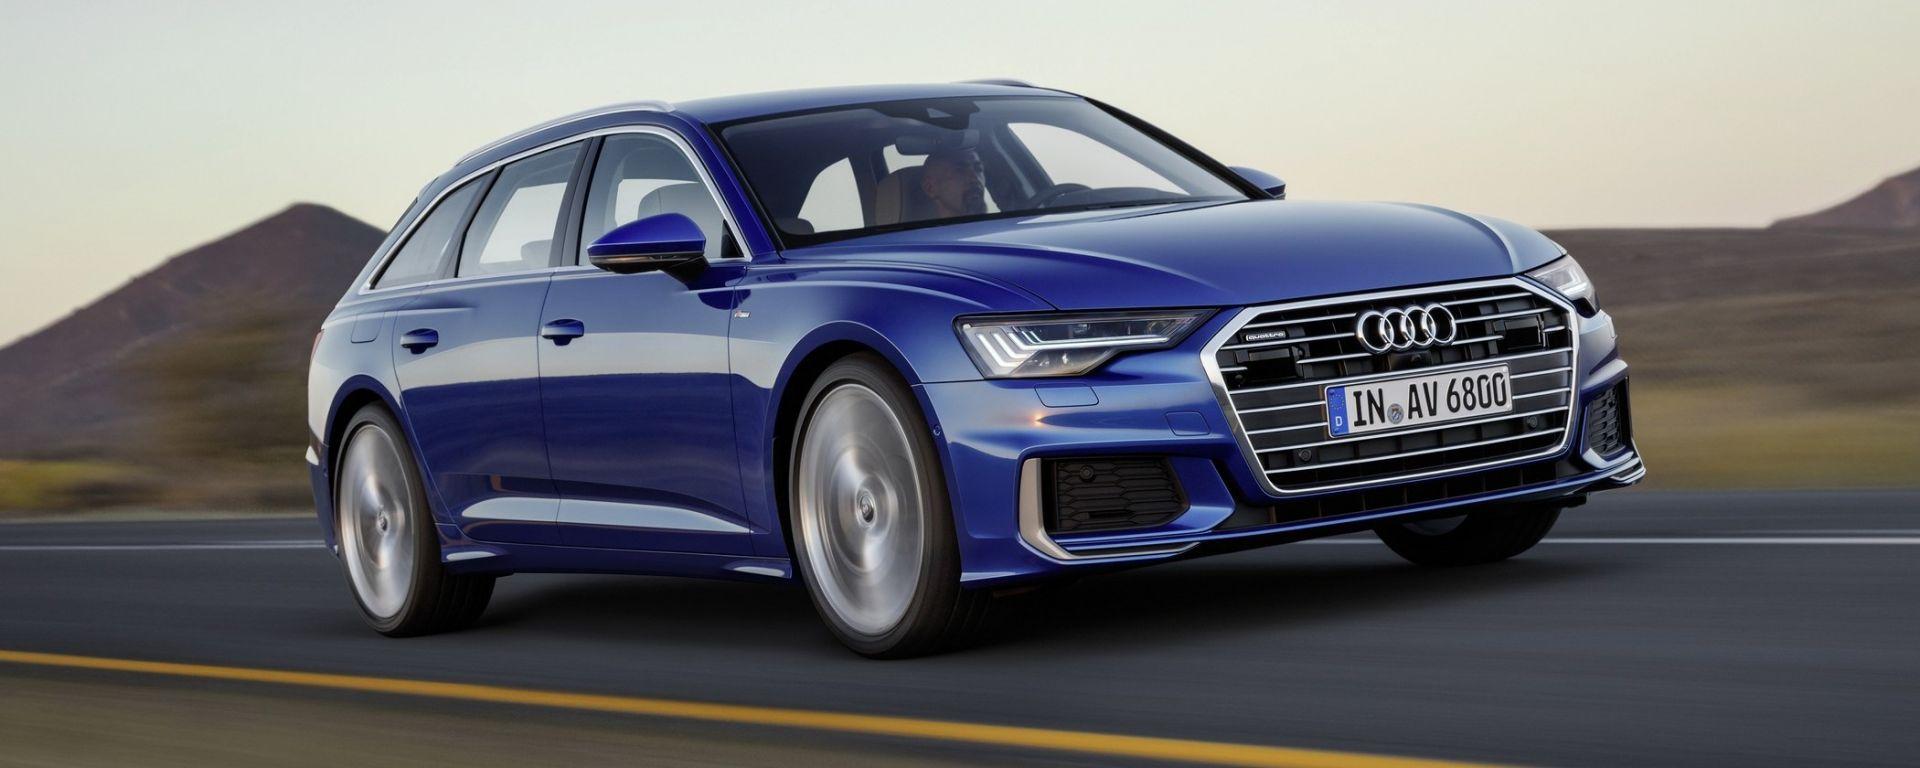 Nuova Audi A6 Avant: si aprono le danze